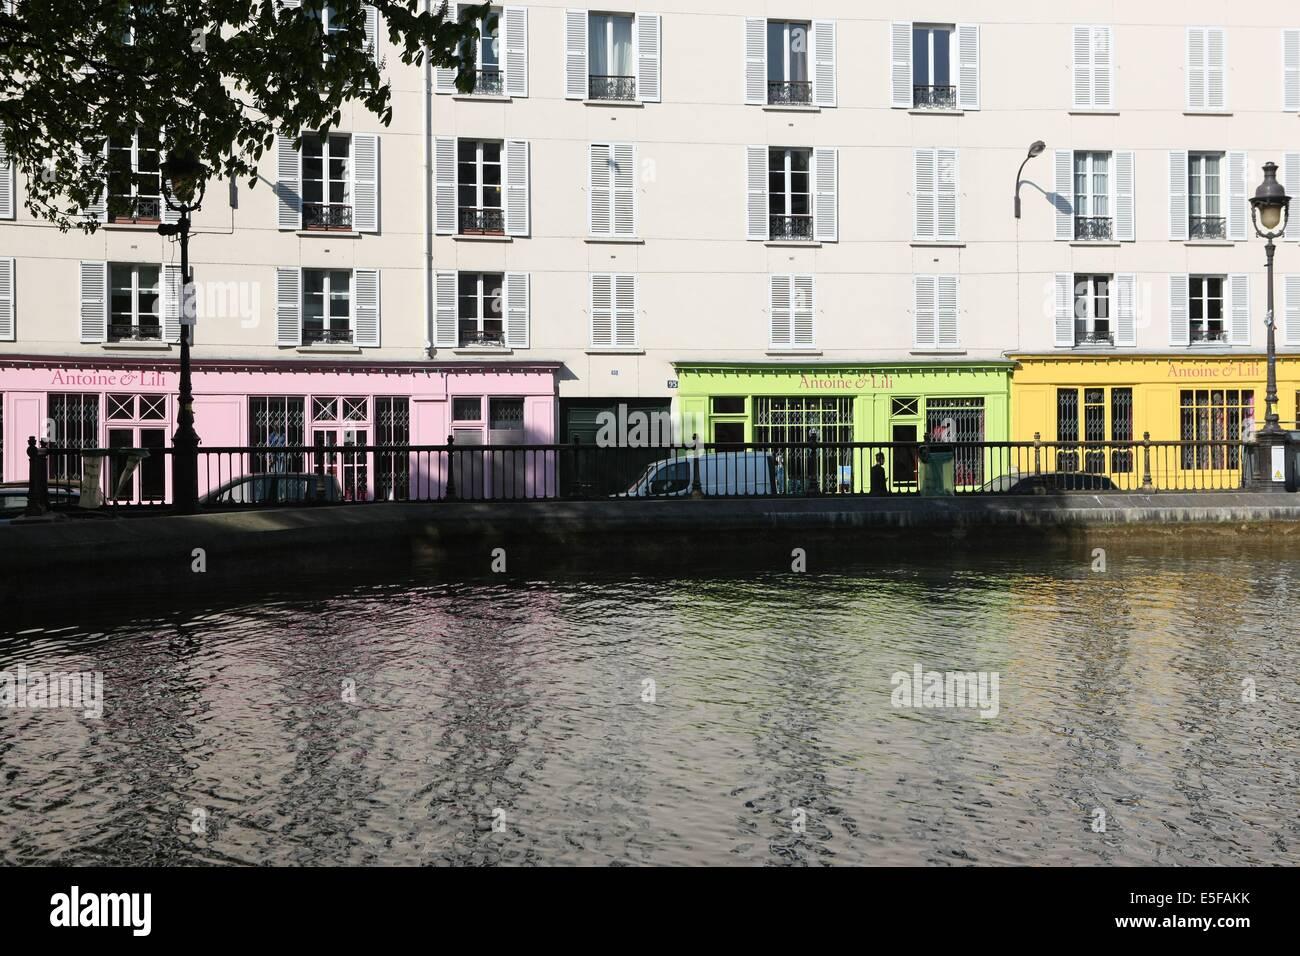 France, ile de france, paris 10e arrondissement, canal saint martin, quai de valmy, magasin antoine et lili  Date - Stock Image